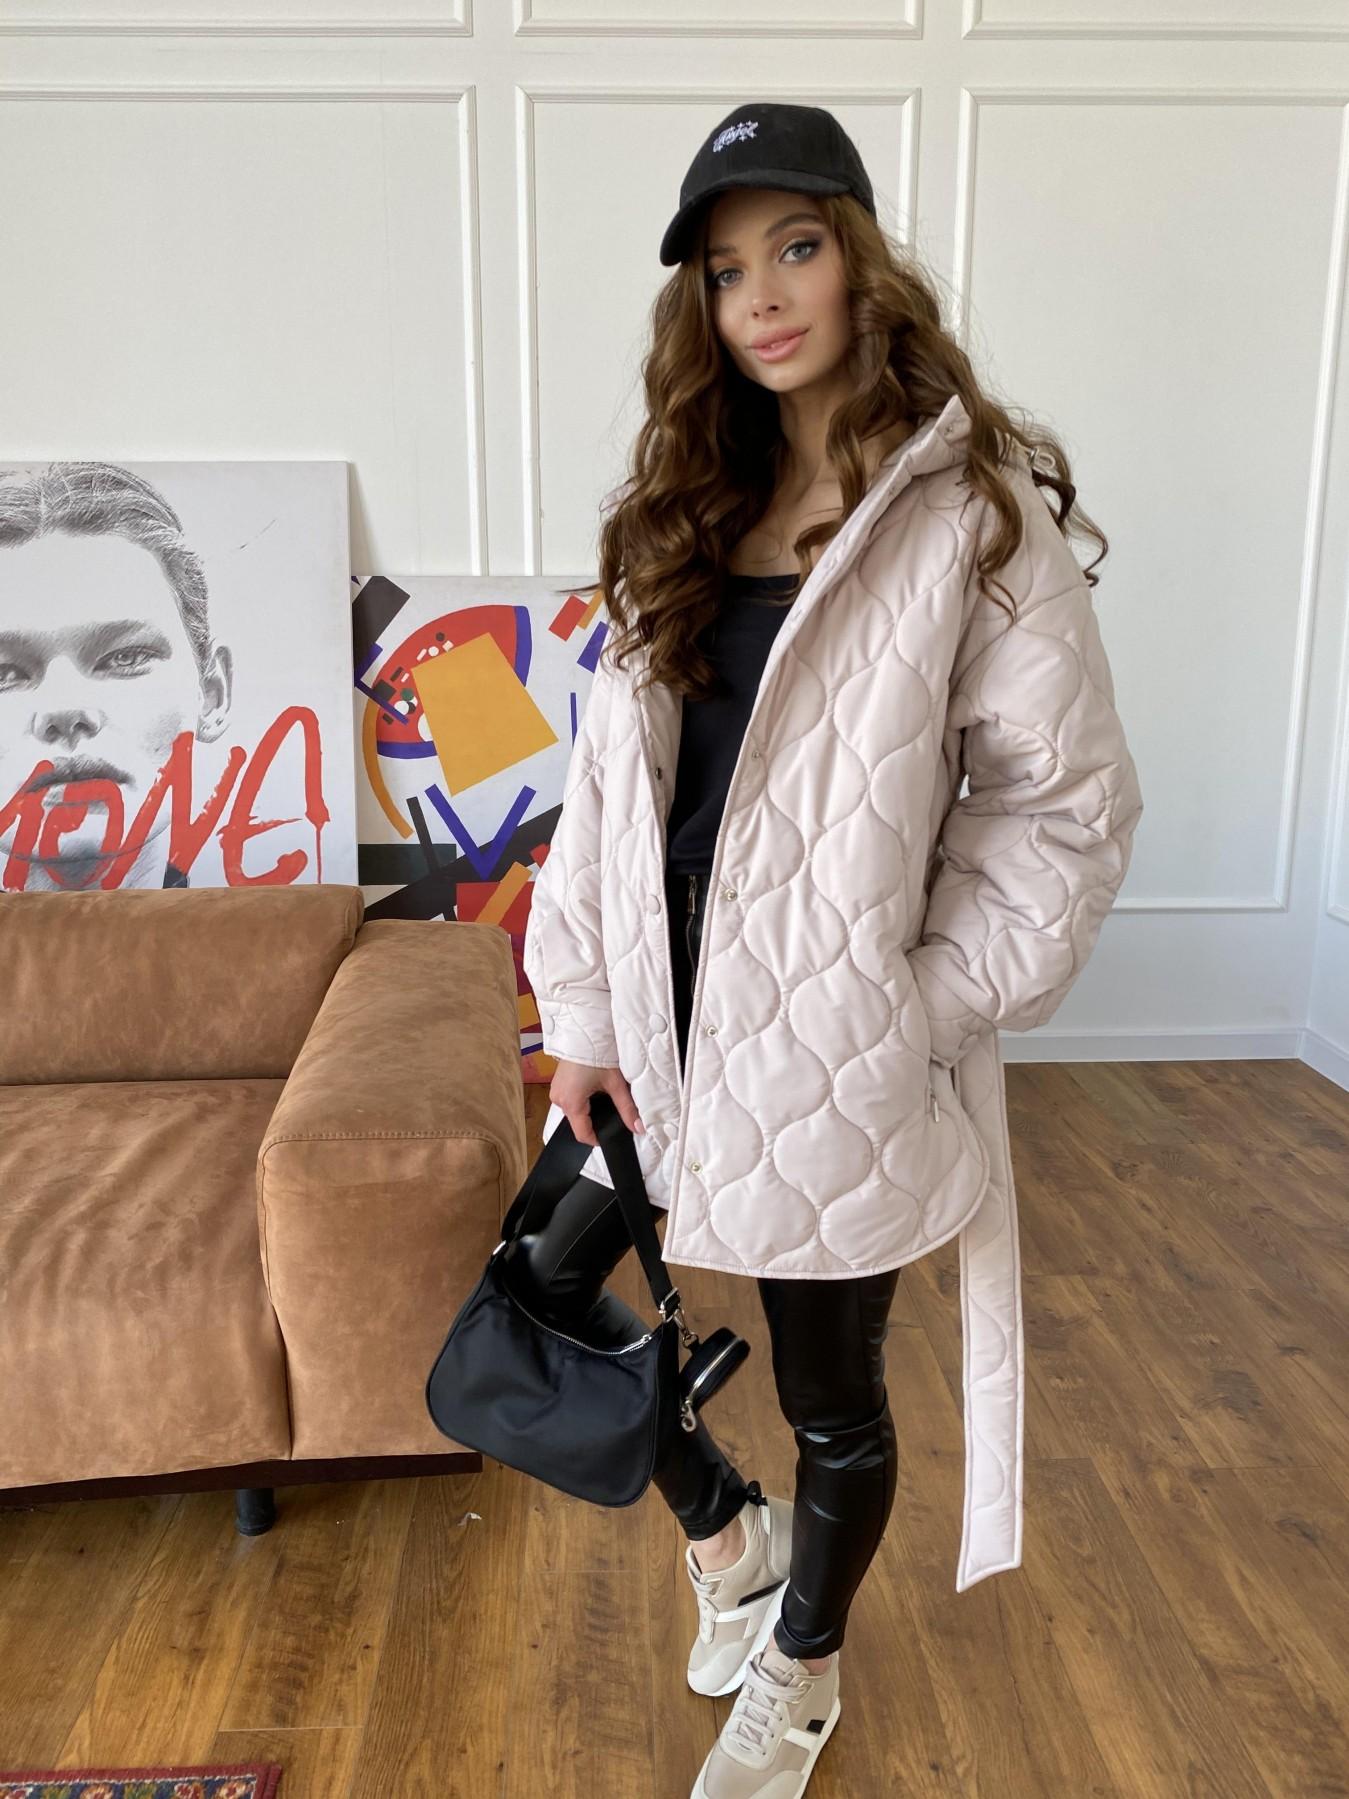 Пазл ЗИГЗАГ  стеганая куртка из плащевой ткани Ammy 10979 АРТ. 47471 Цвет: Бежевый 970 - фото 2, интернет магазин tm-modus.ru